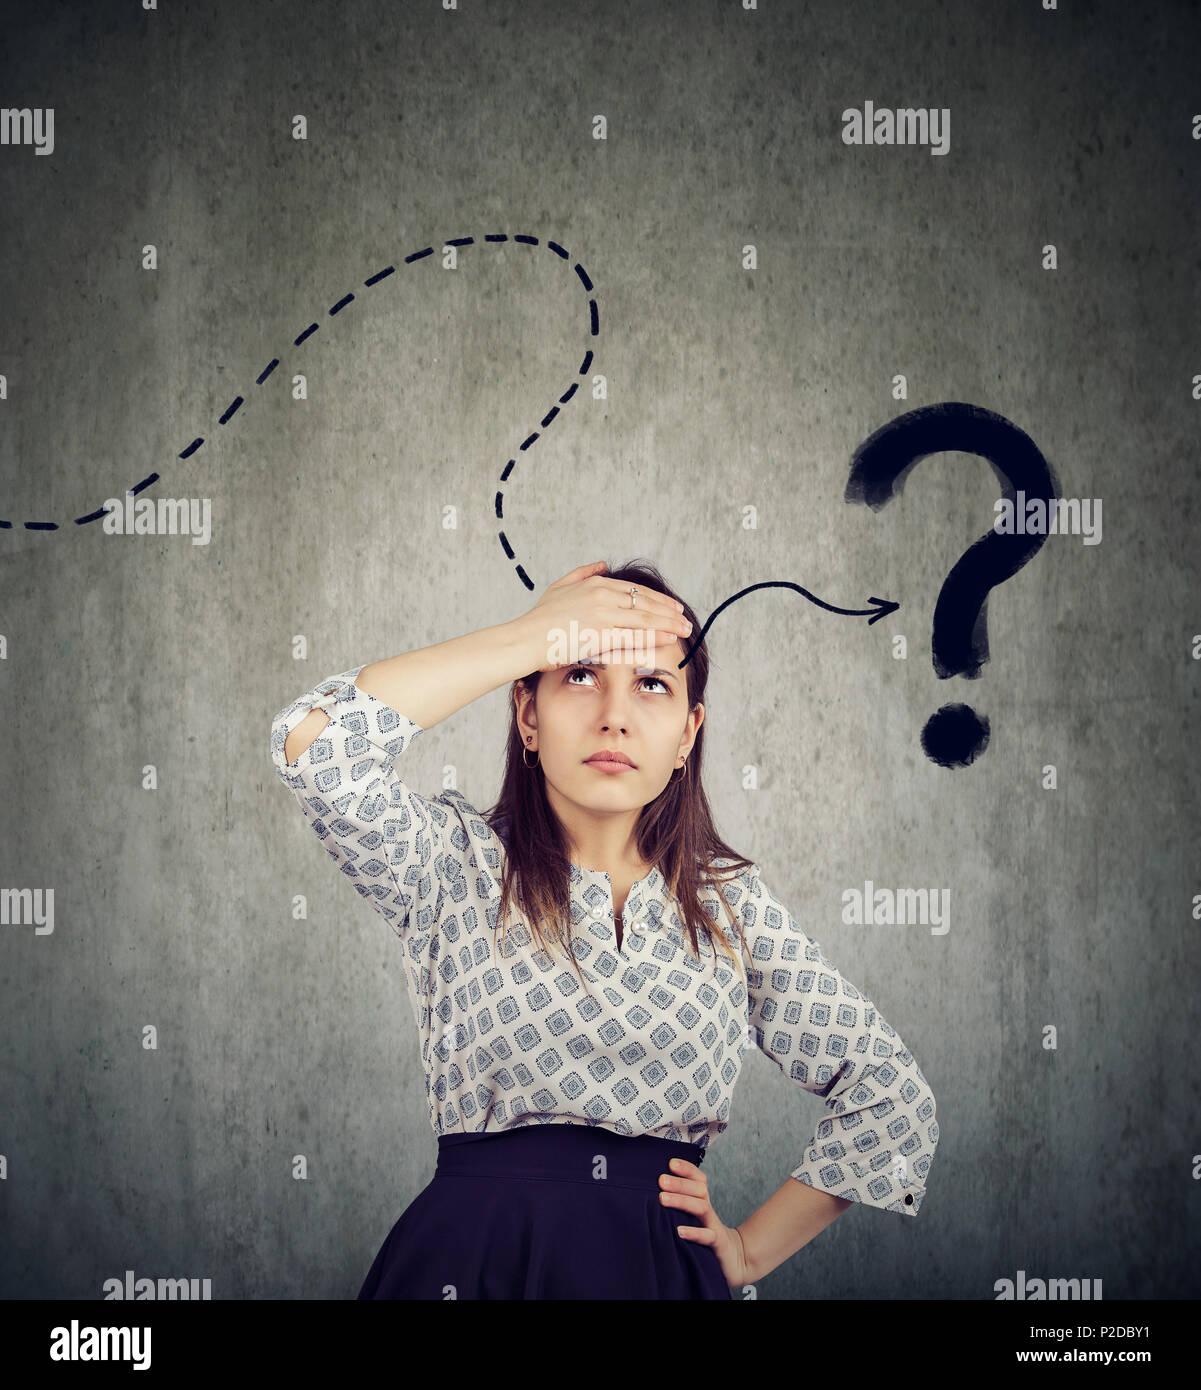 Mujer joven pensar mucho tratando de recordar tiene una pregunta Imagen De Stock